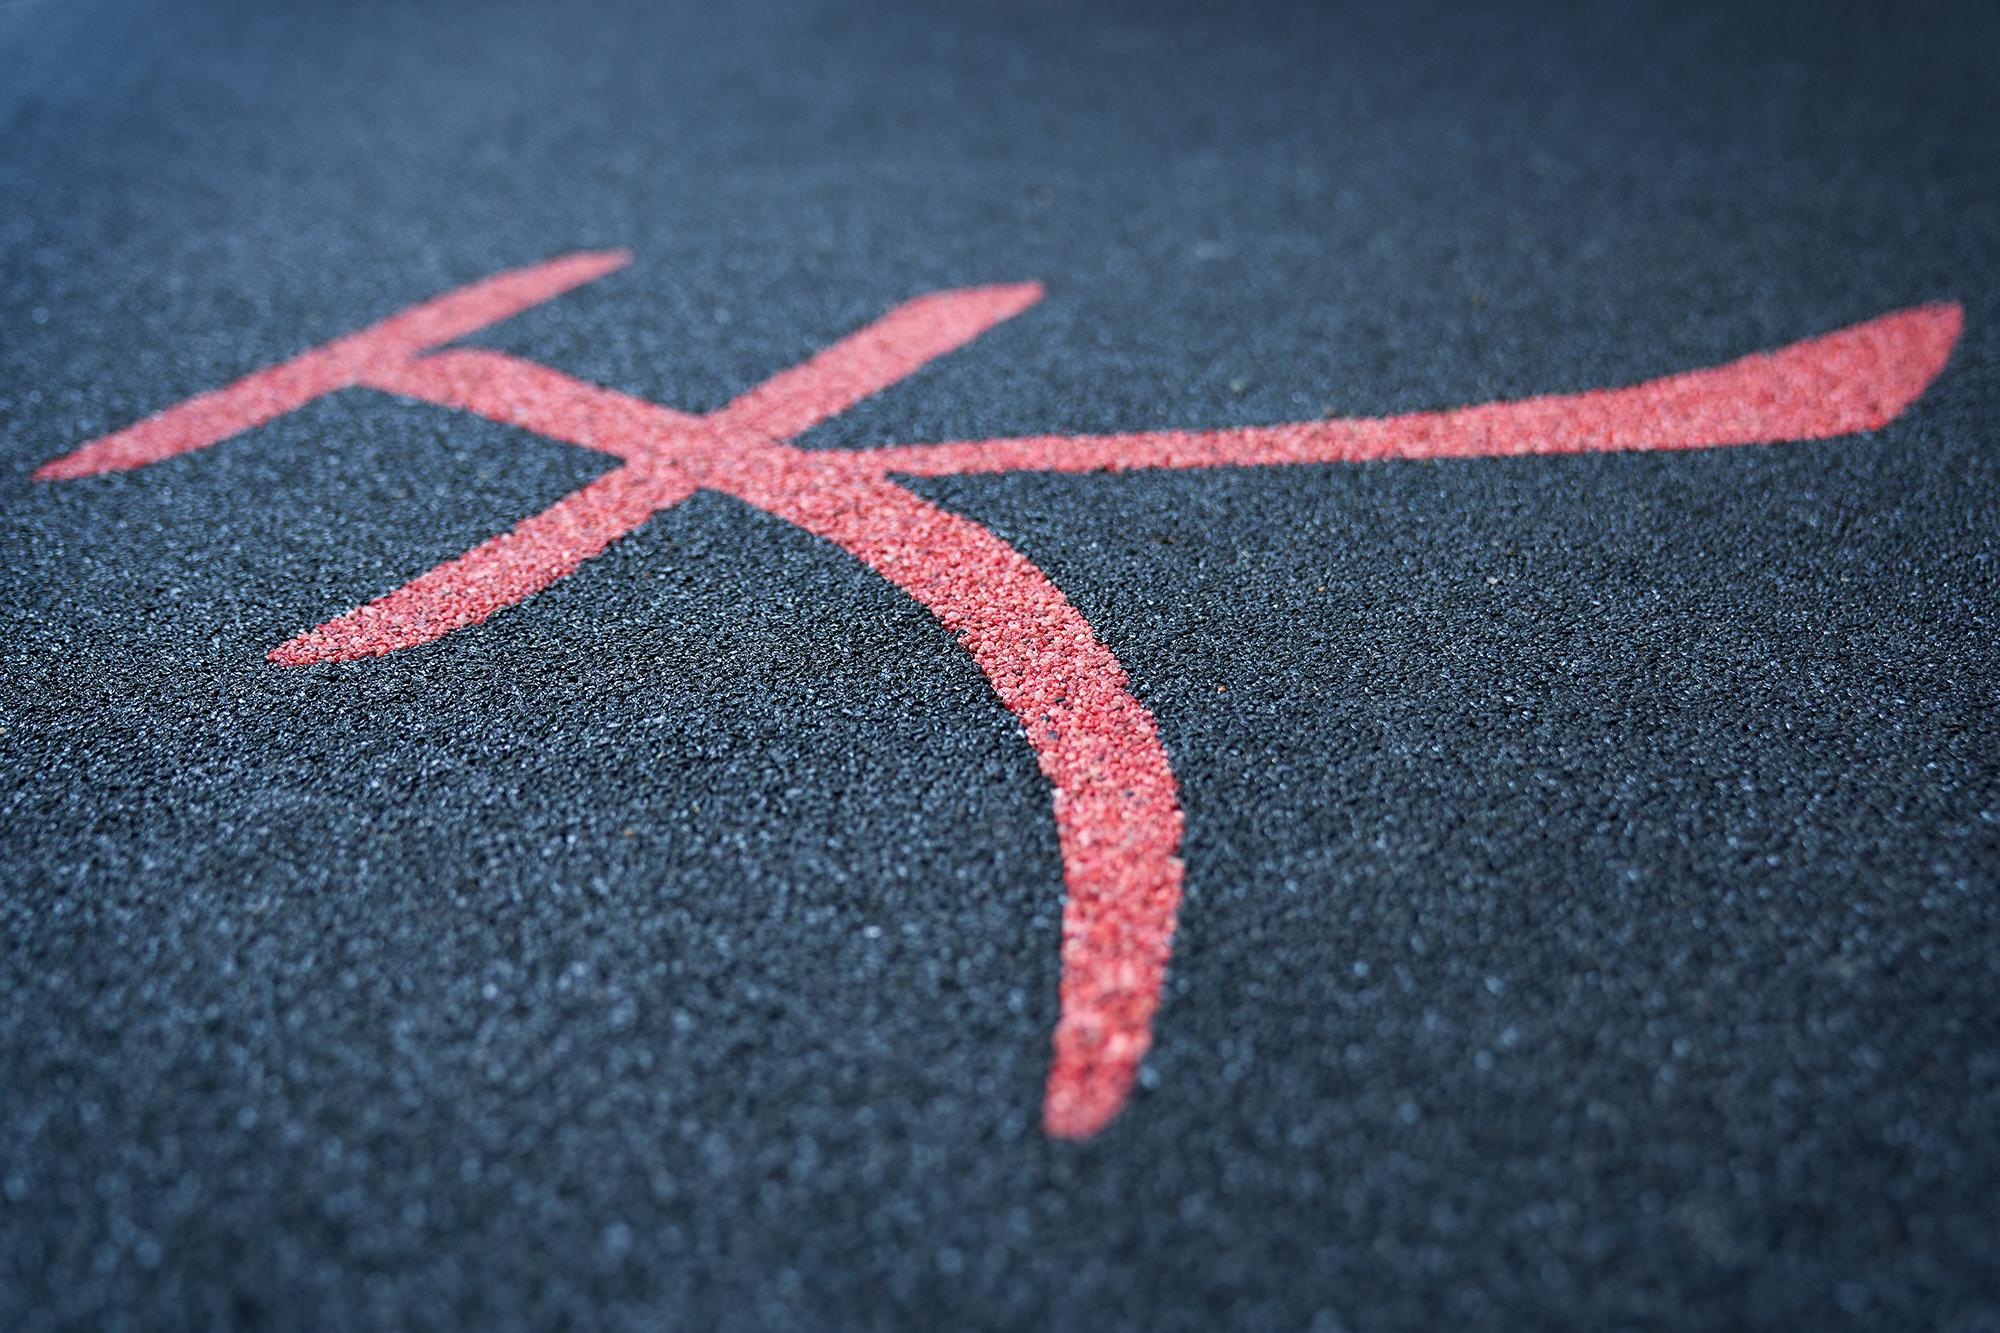 Unendliche Gestaltungsmöglichkeiten in Steinteppich. Alle möglichen Formen sind möglich. Hier ein chinesisches Schriftzeichen.